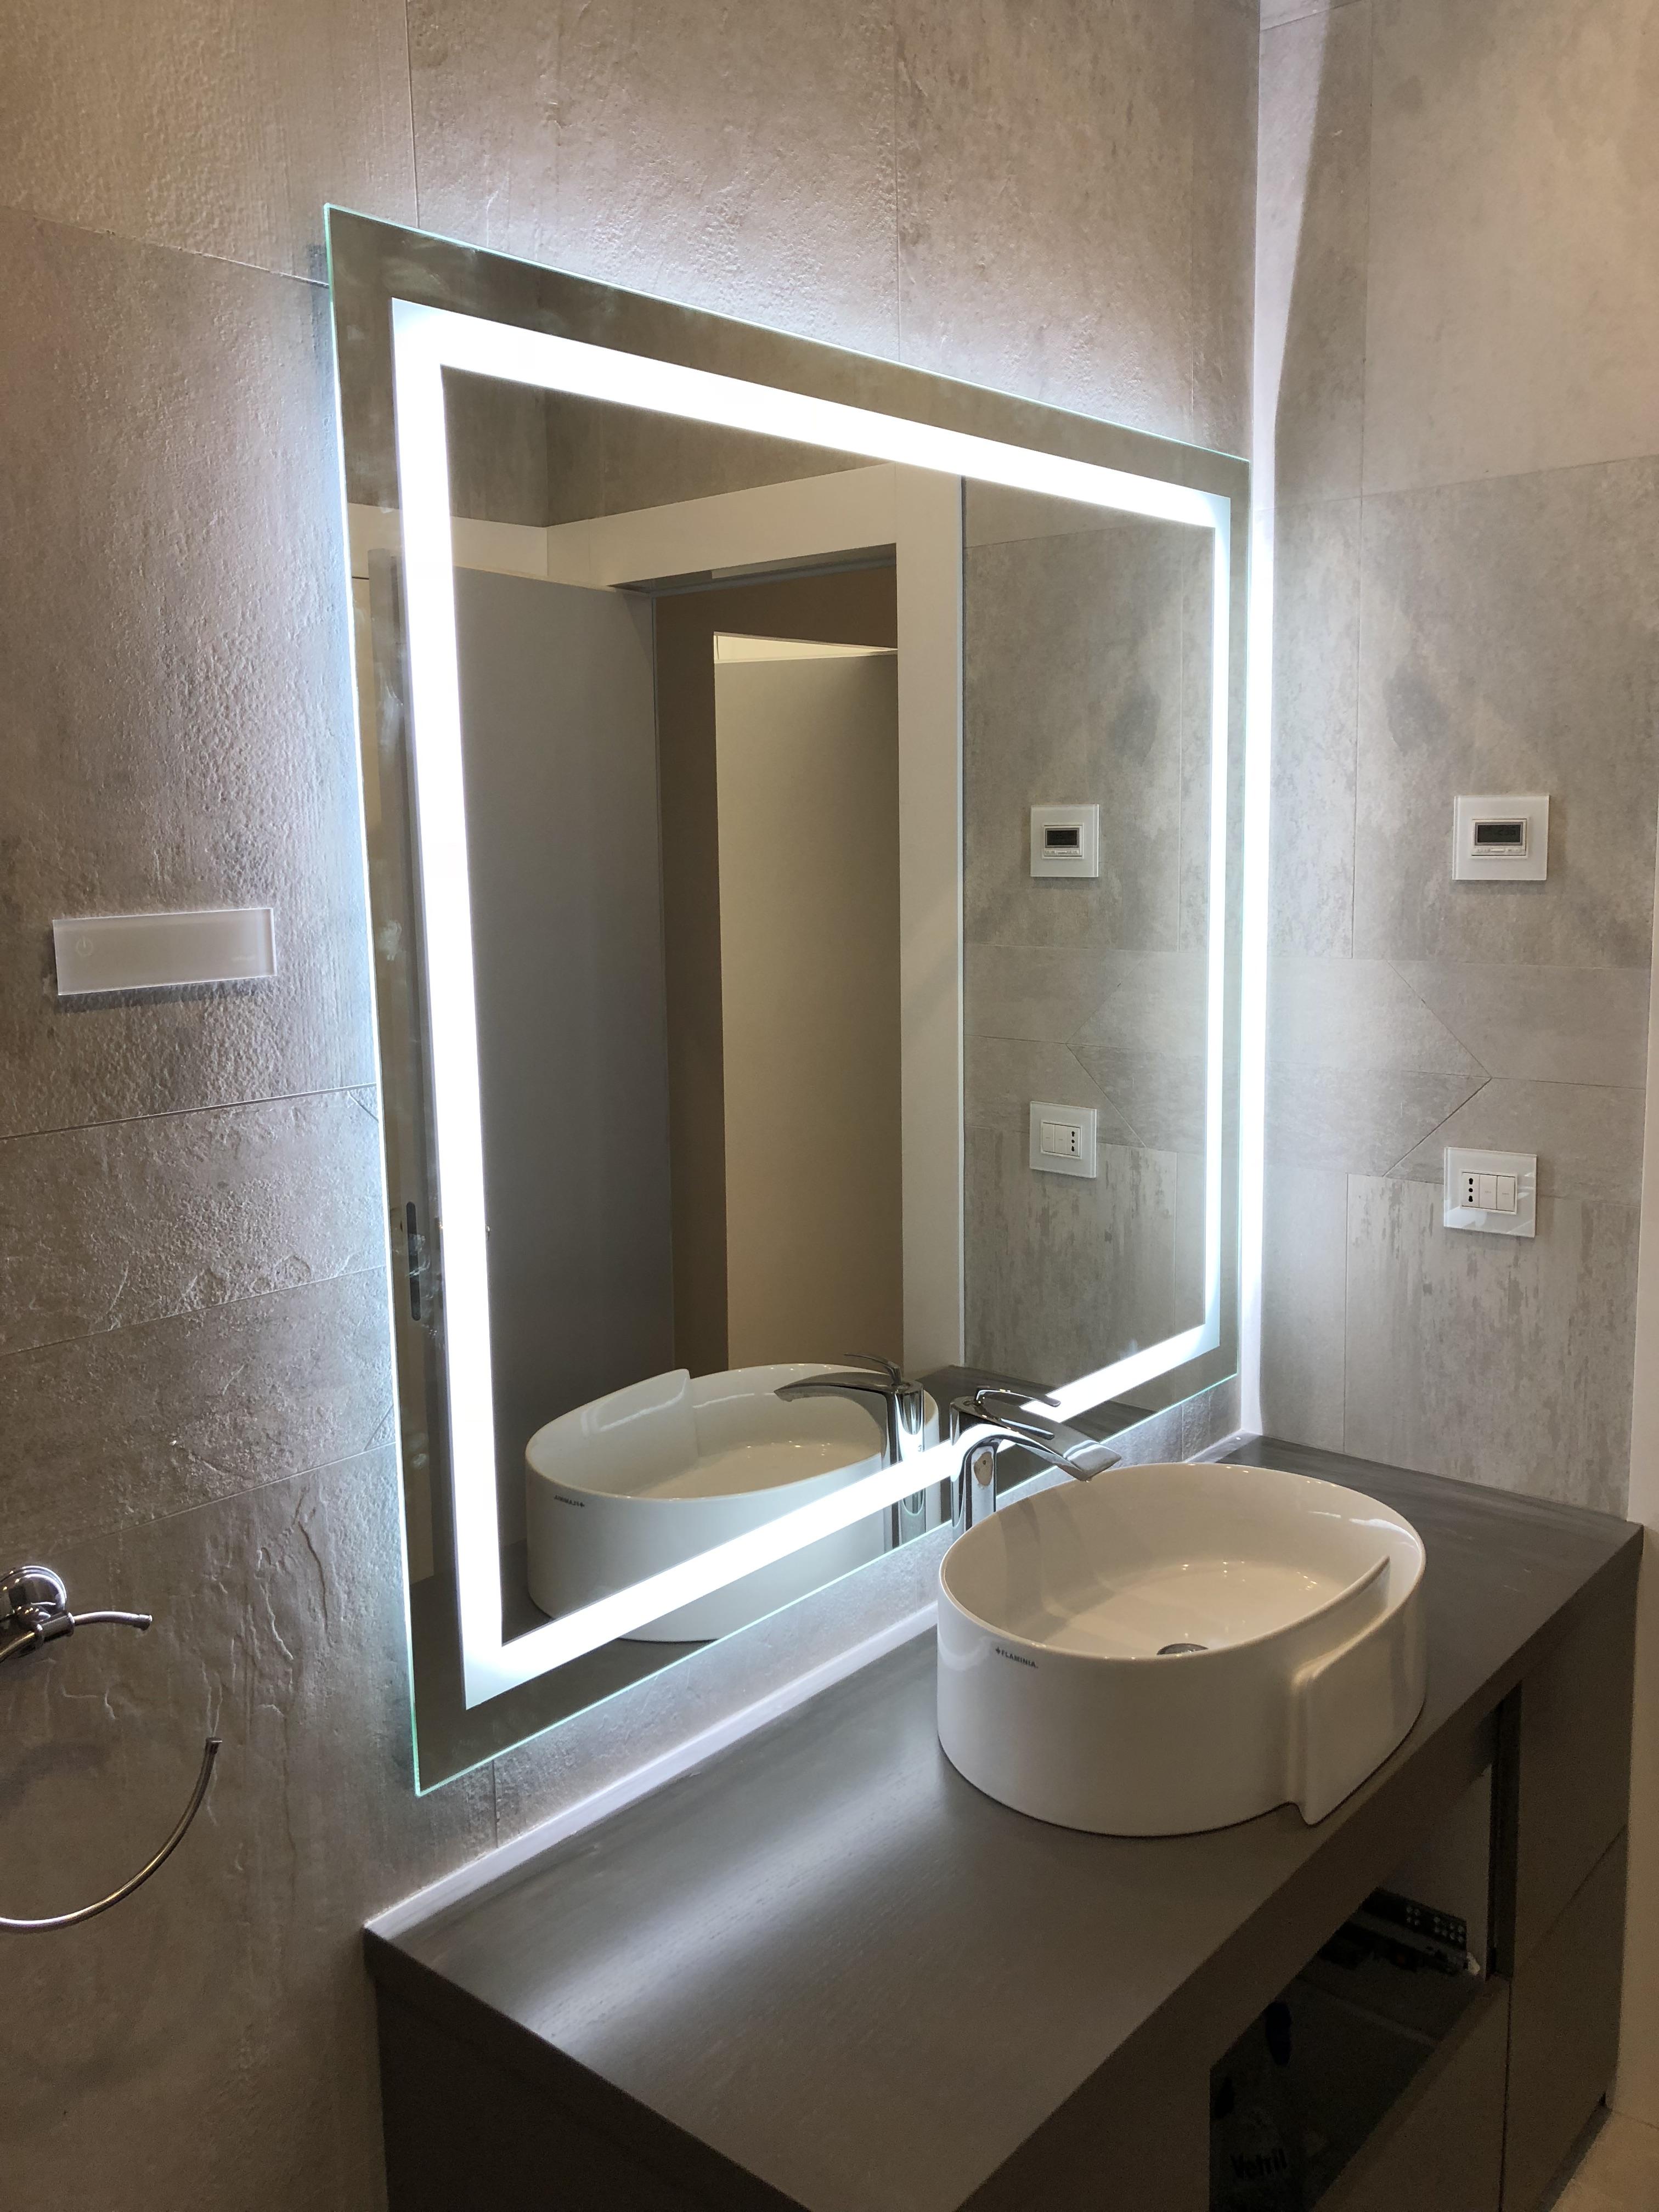 Specchi Per Palestra On Line vetreria pecci | specchi su misura. specchi antichizzati e